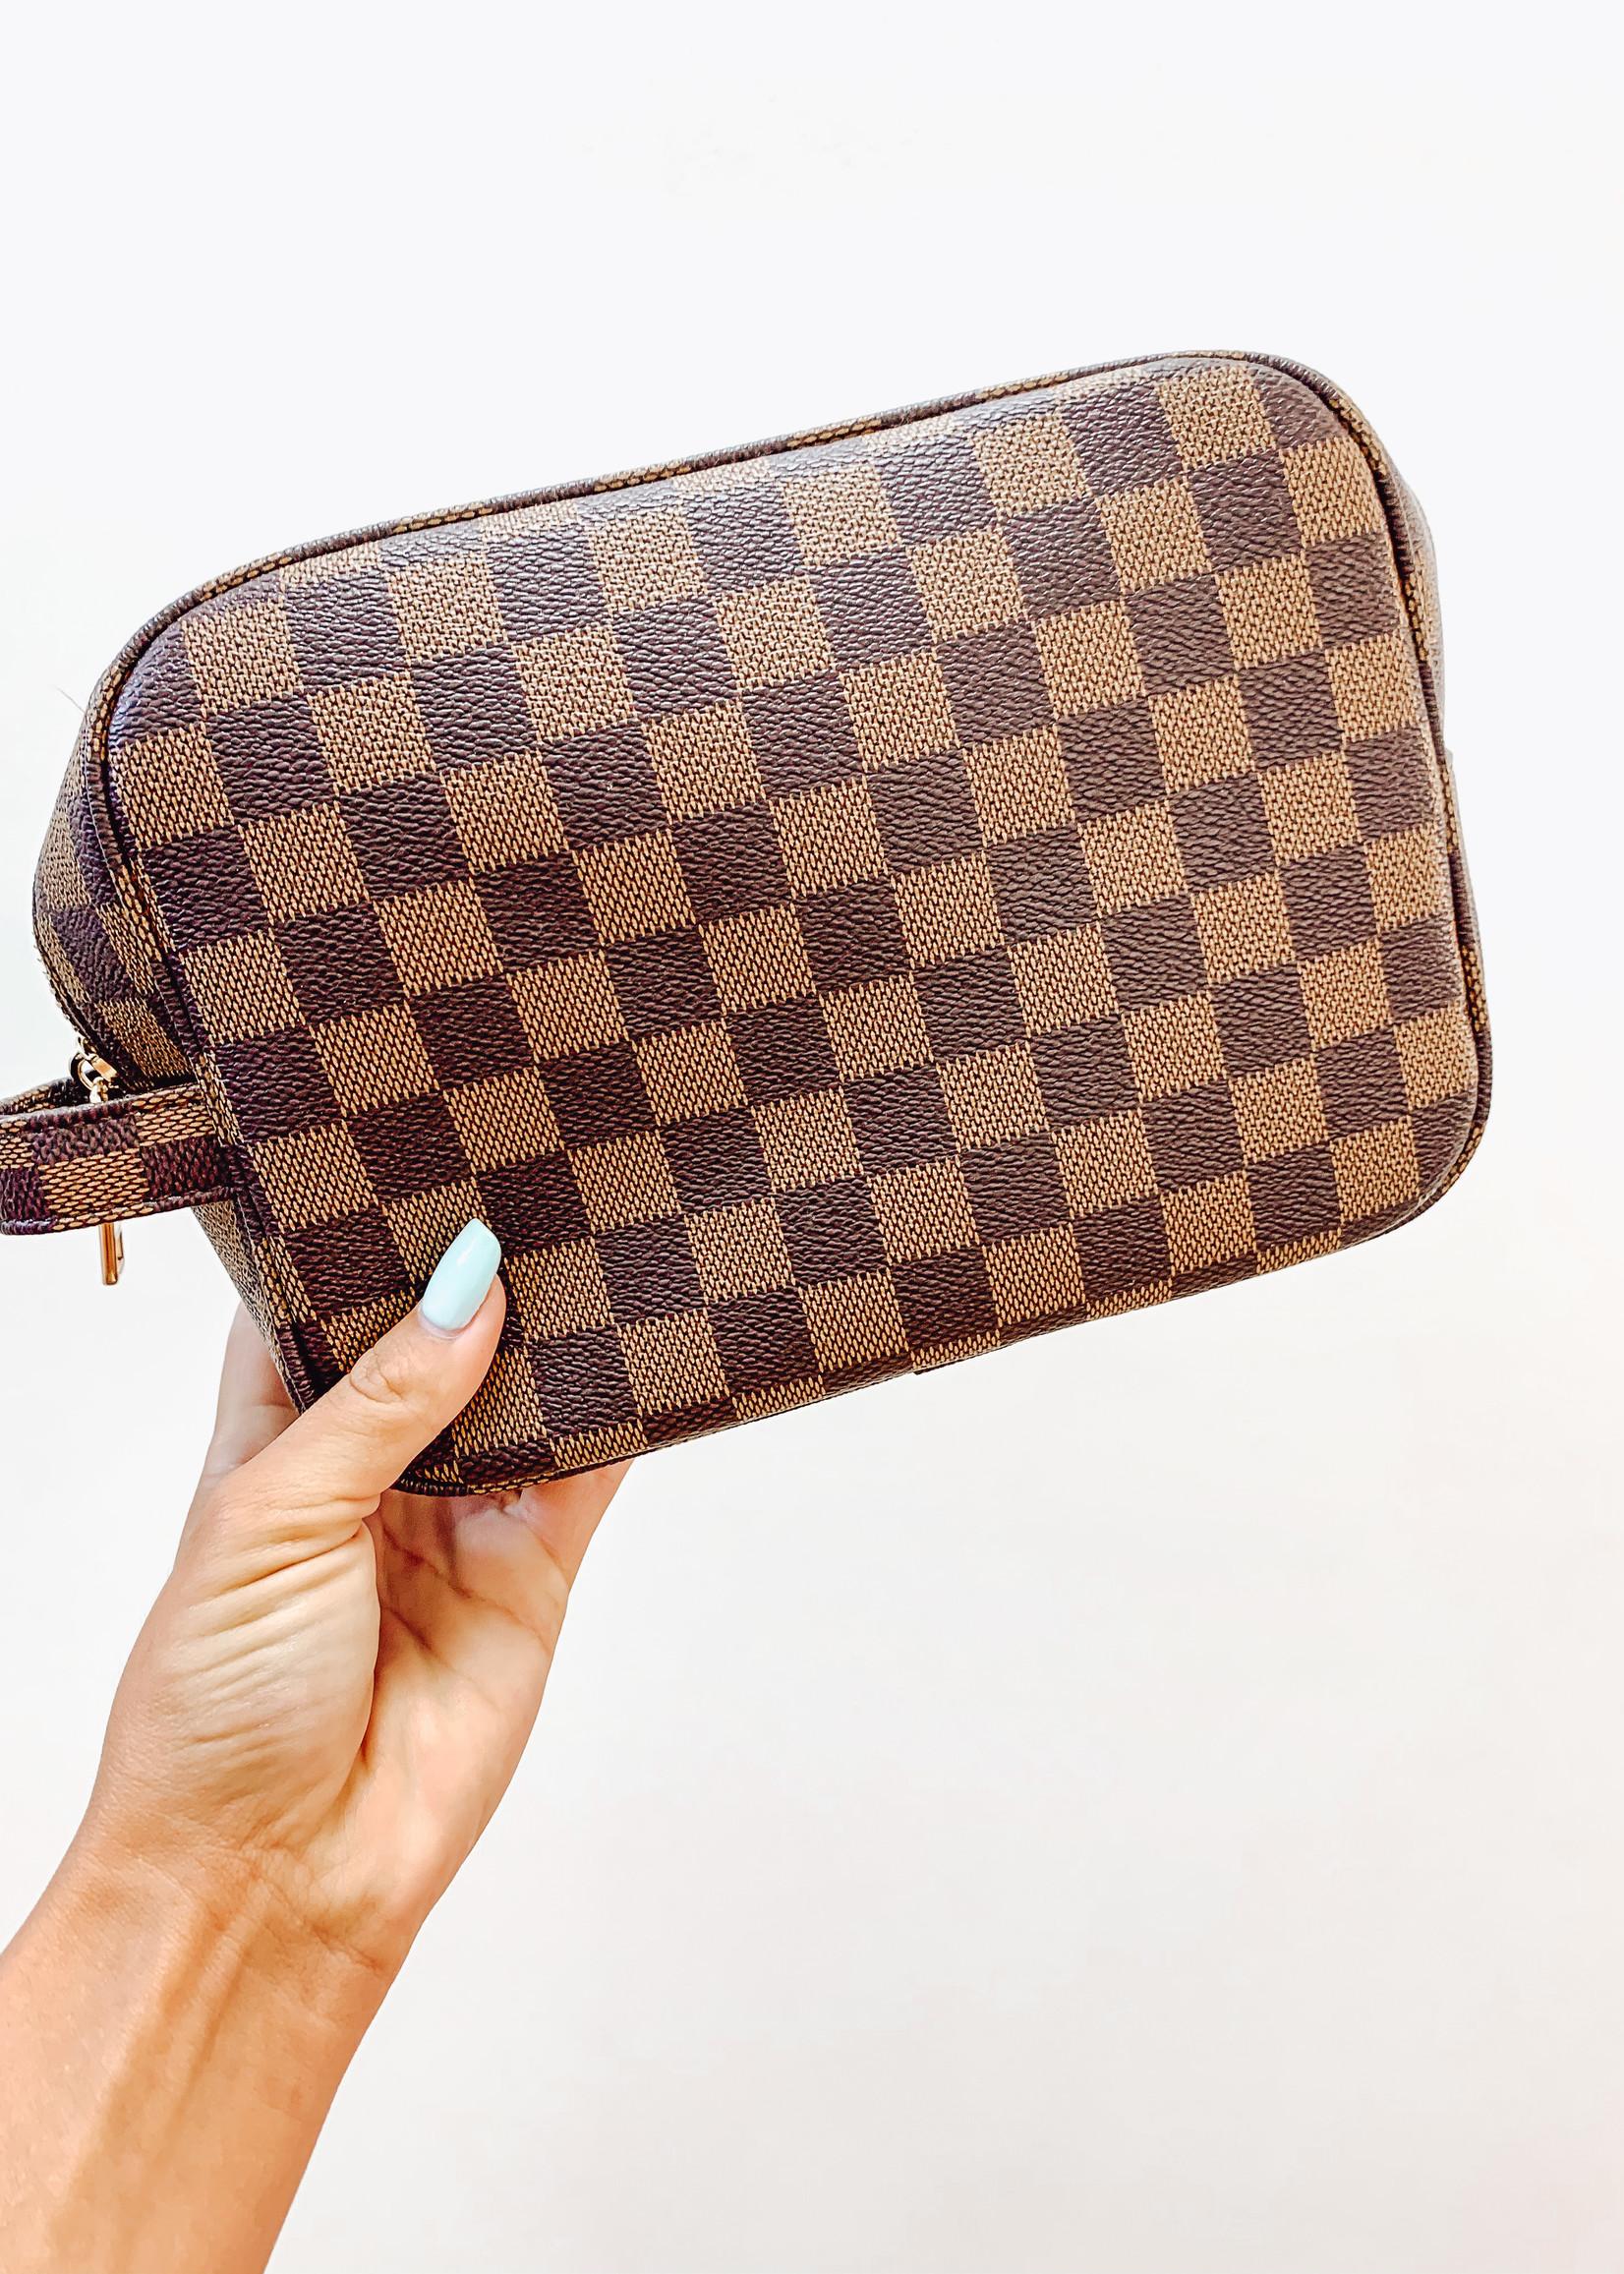 Designer Inspired Toiletree Bag